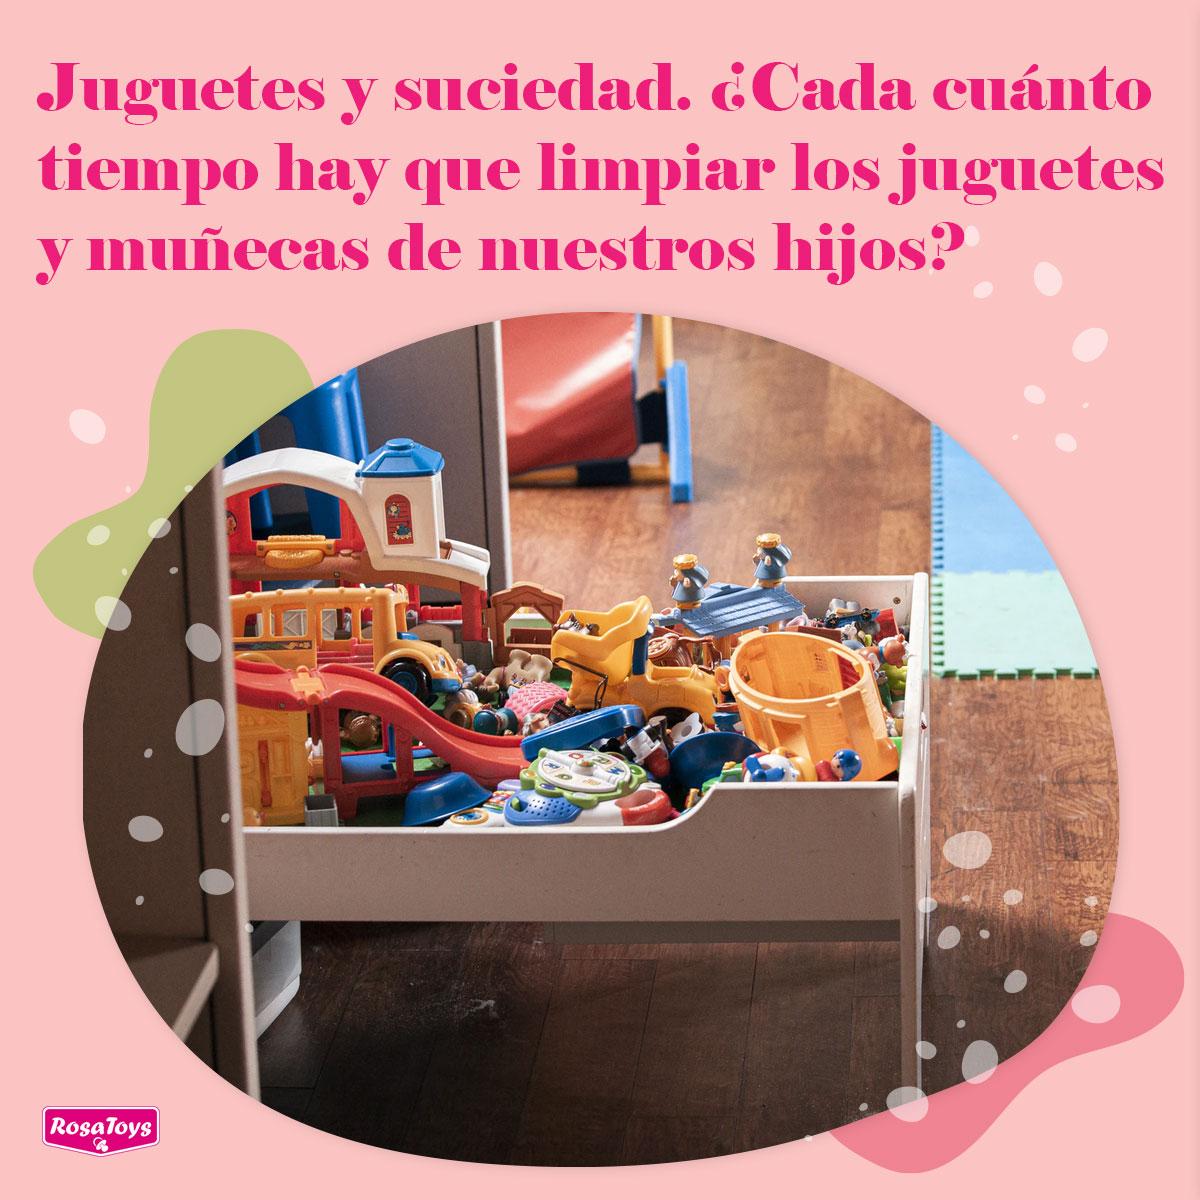 ¿Cada cuánto tiempo hay que limpiar los juguetes de nuestros hijos?